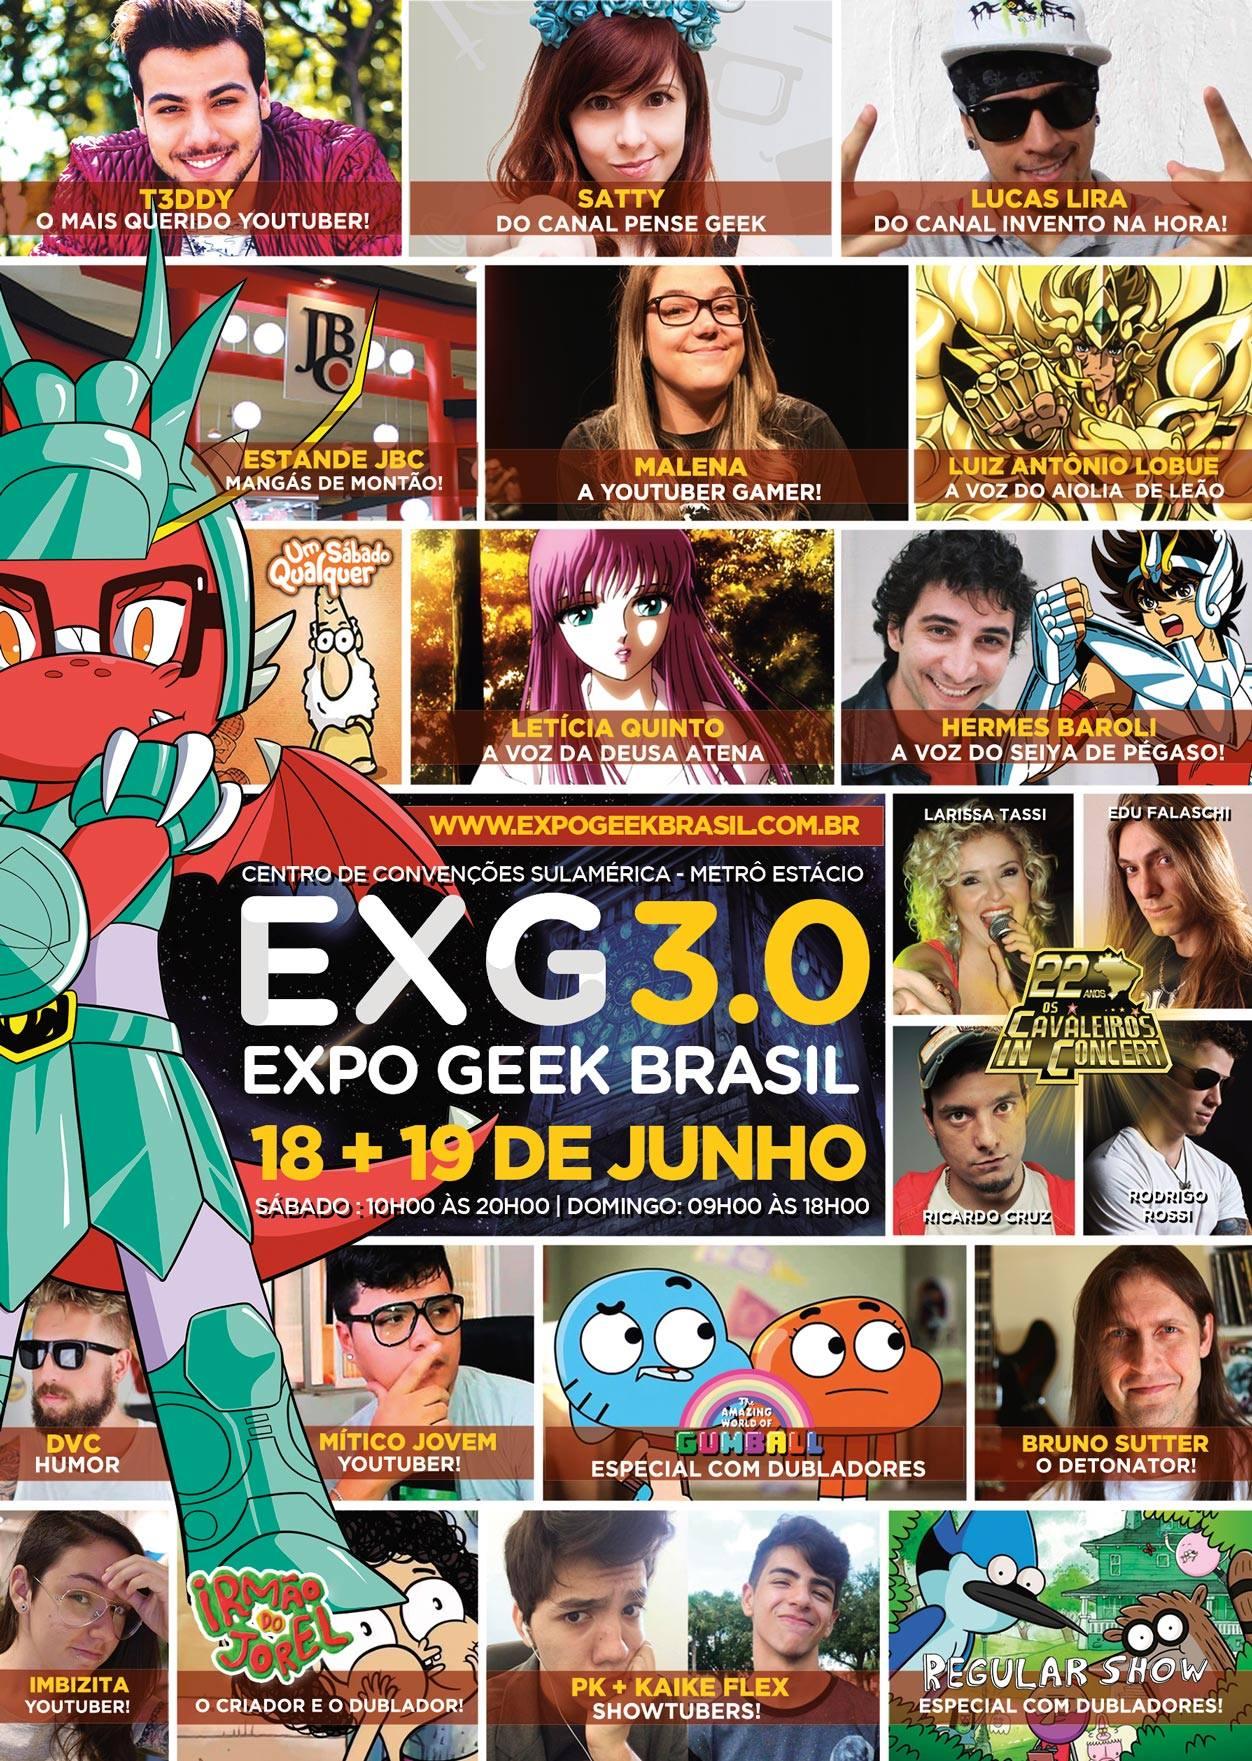 Expo Geek Brasil 3.0 folder